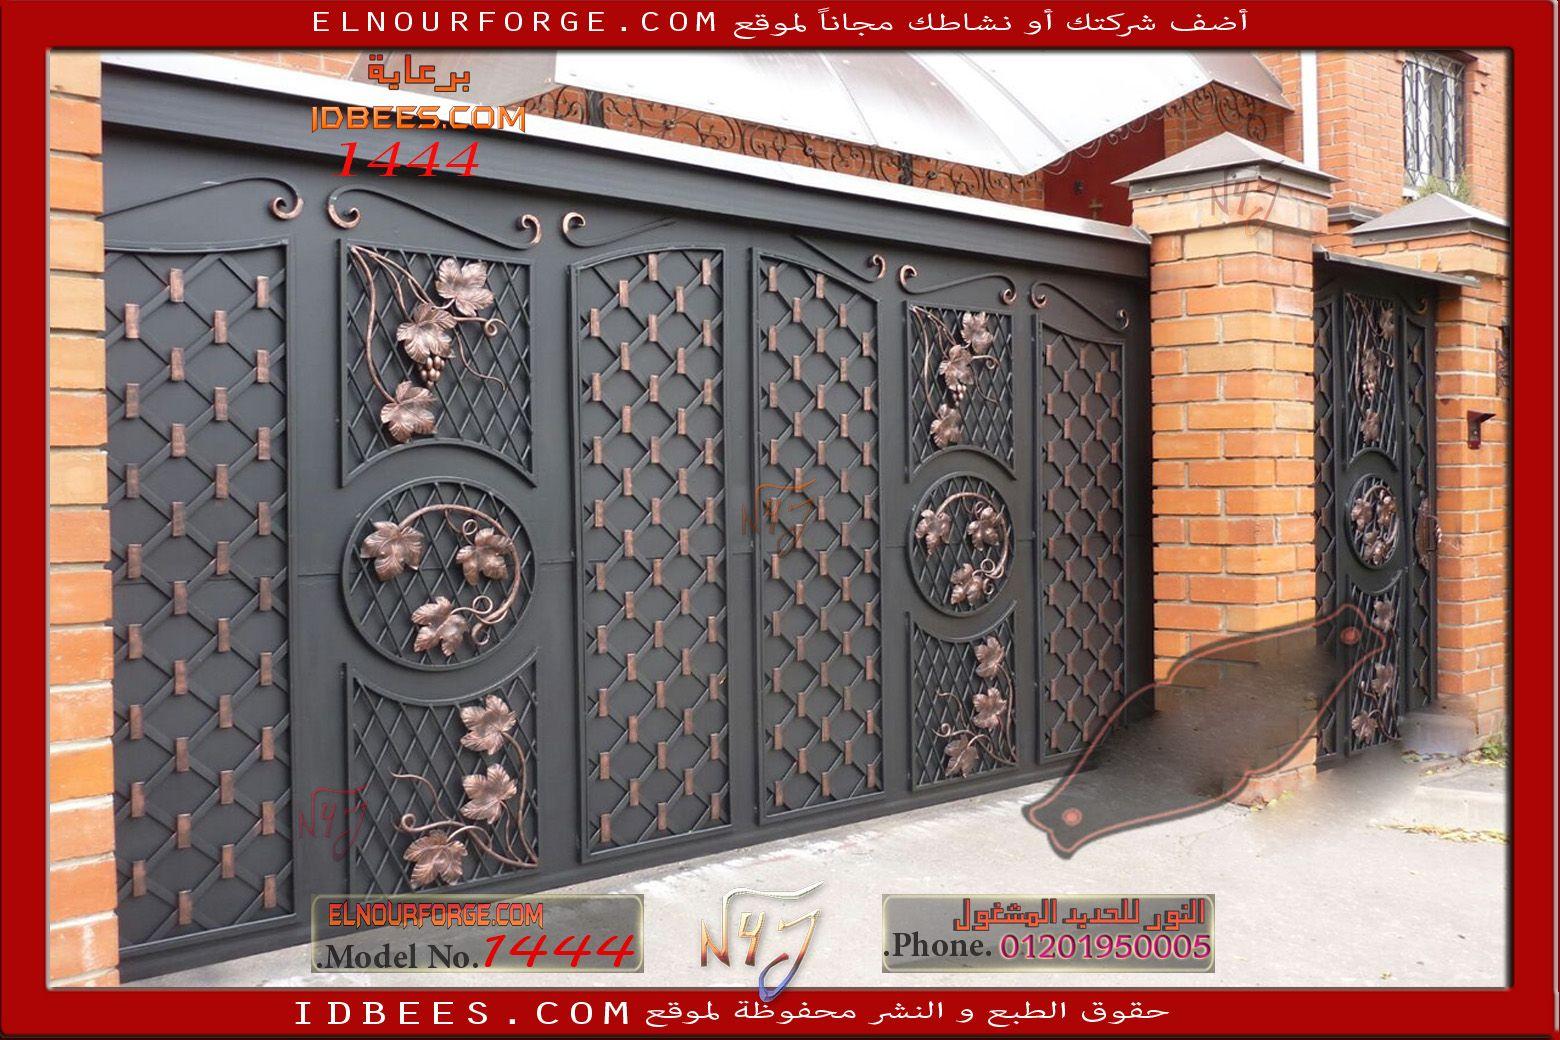 1444 Iron Gate Designs بوابات حديد مشغول Decor Home Decor Furniture